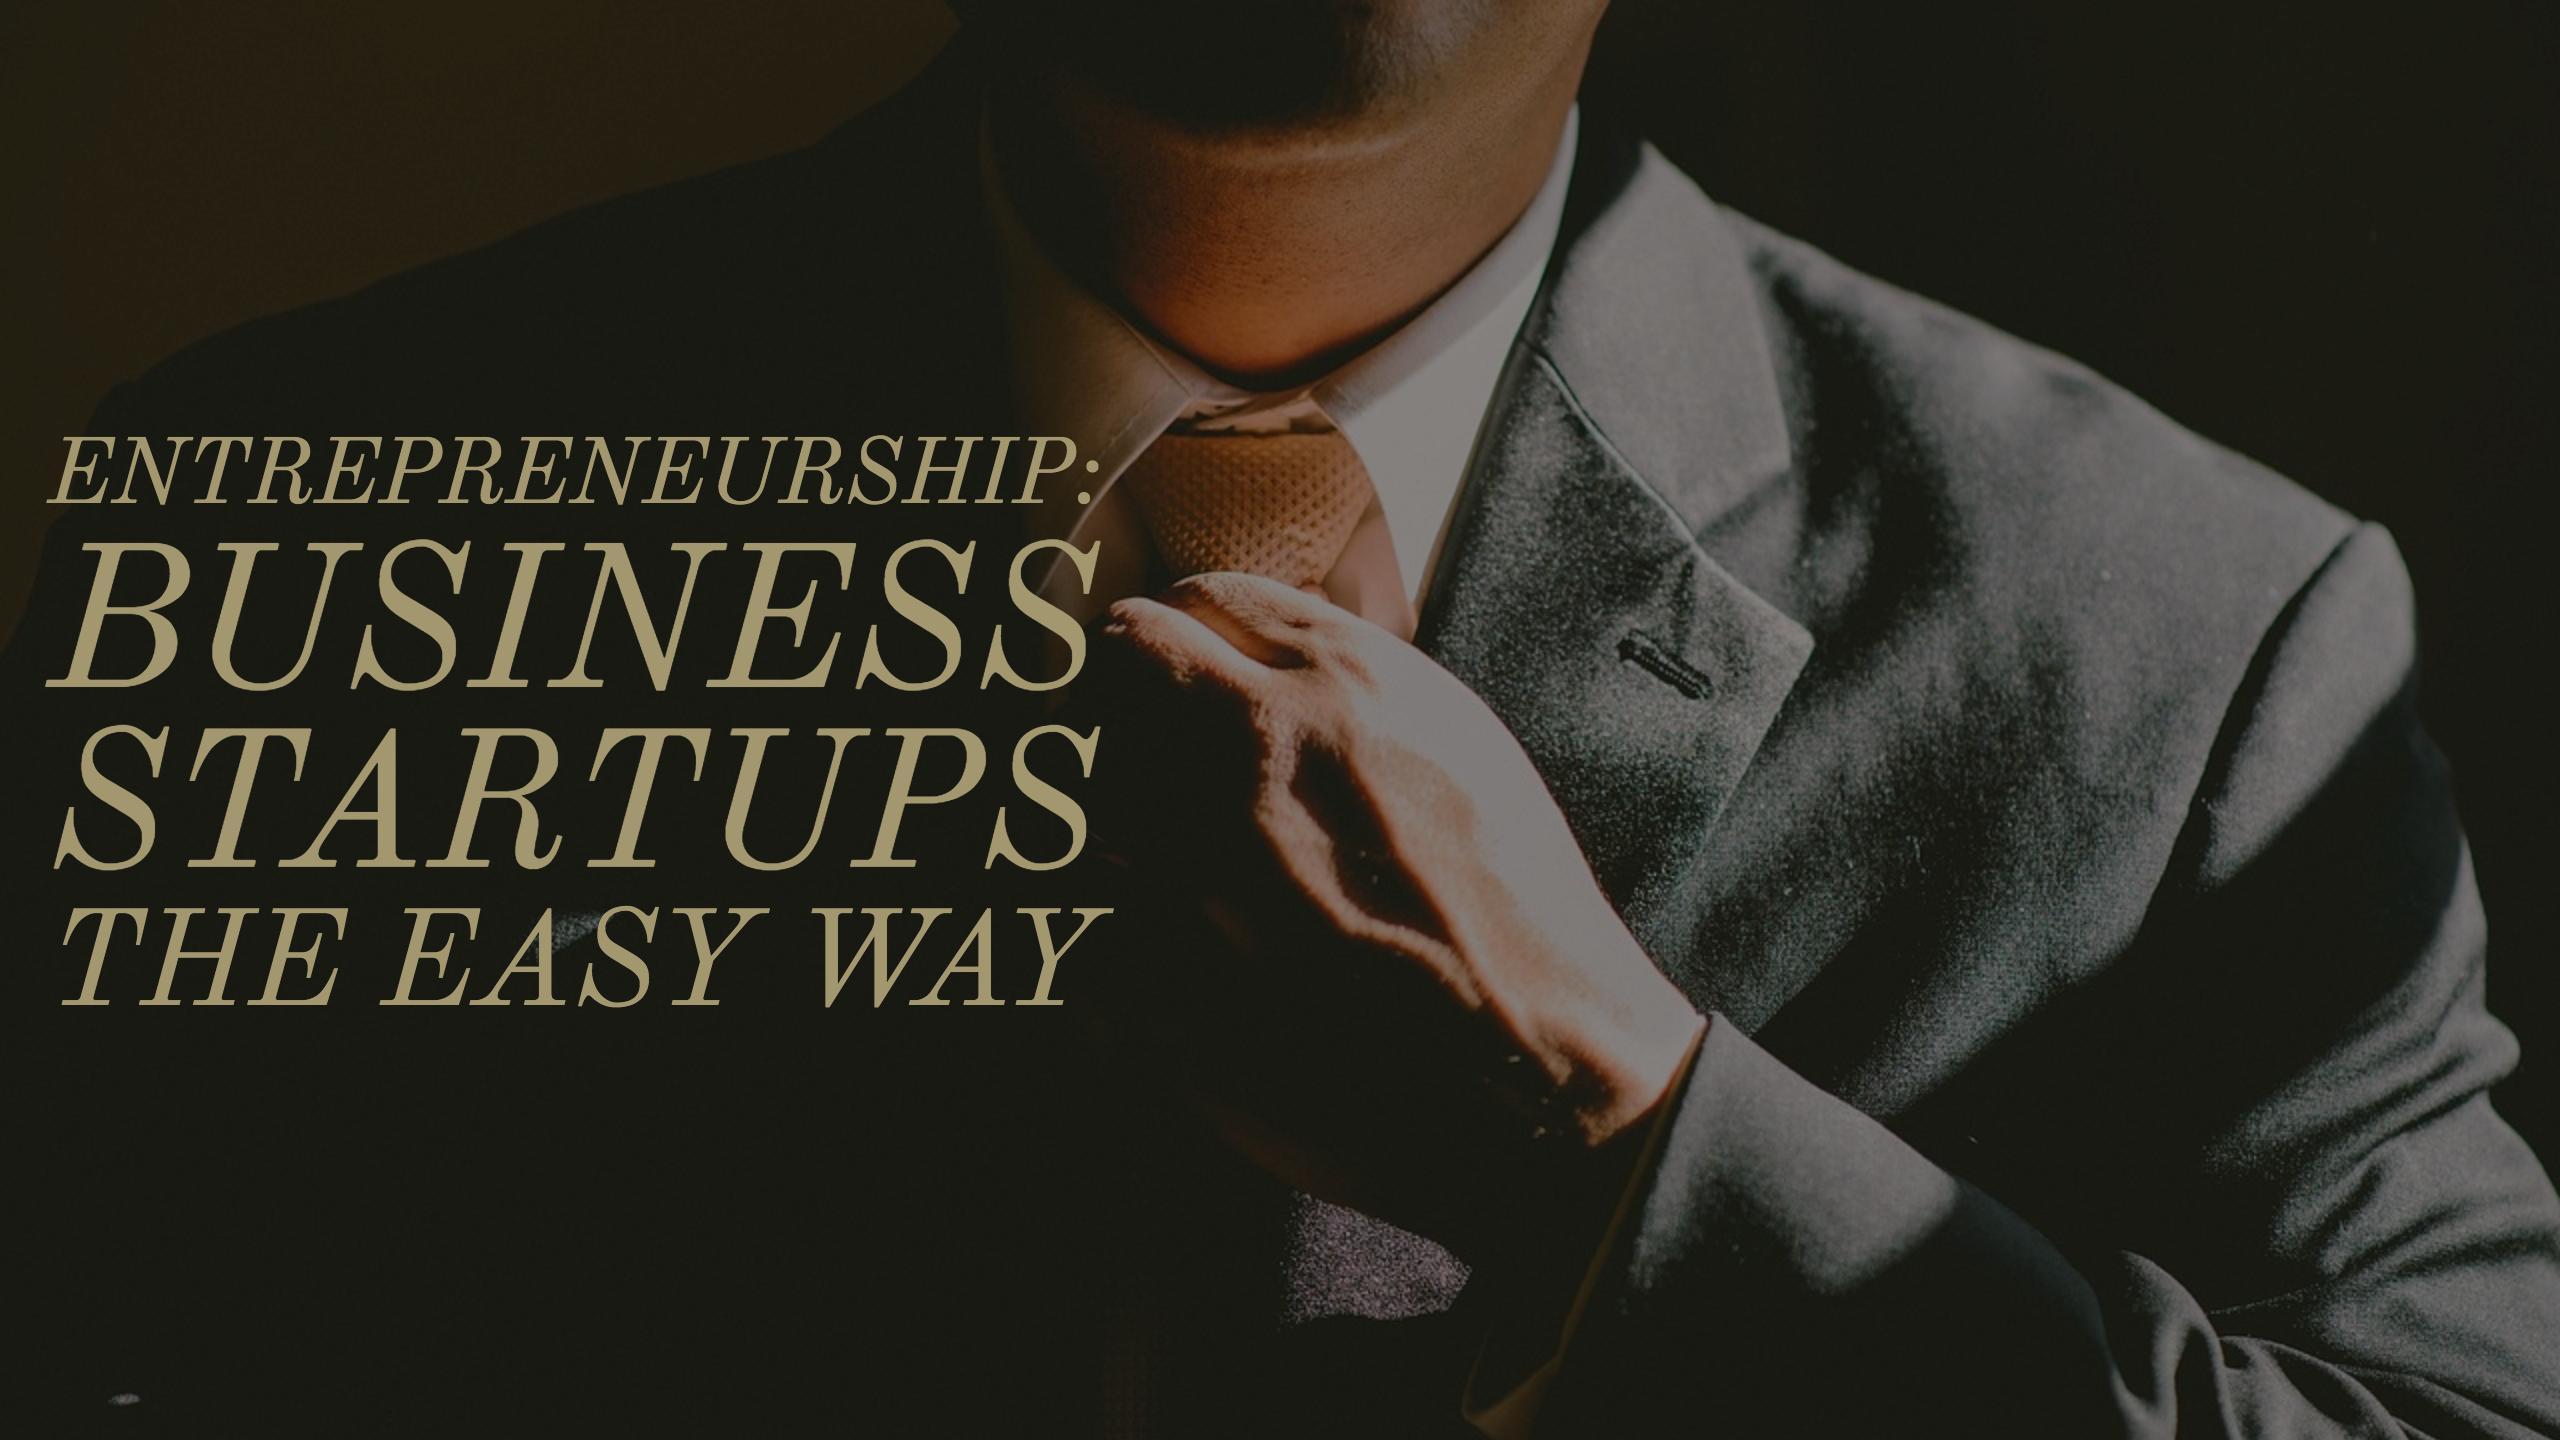 Entrepreneurship – Business Startups The Easy Way